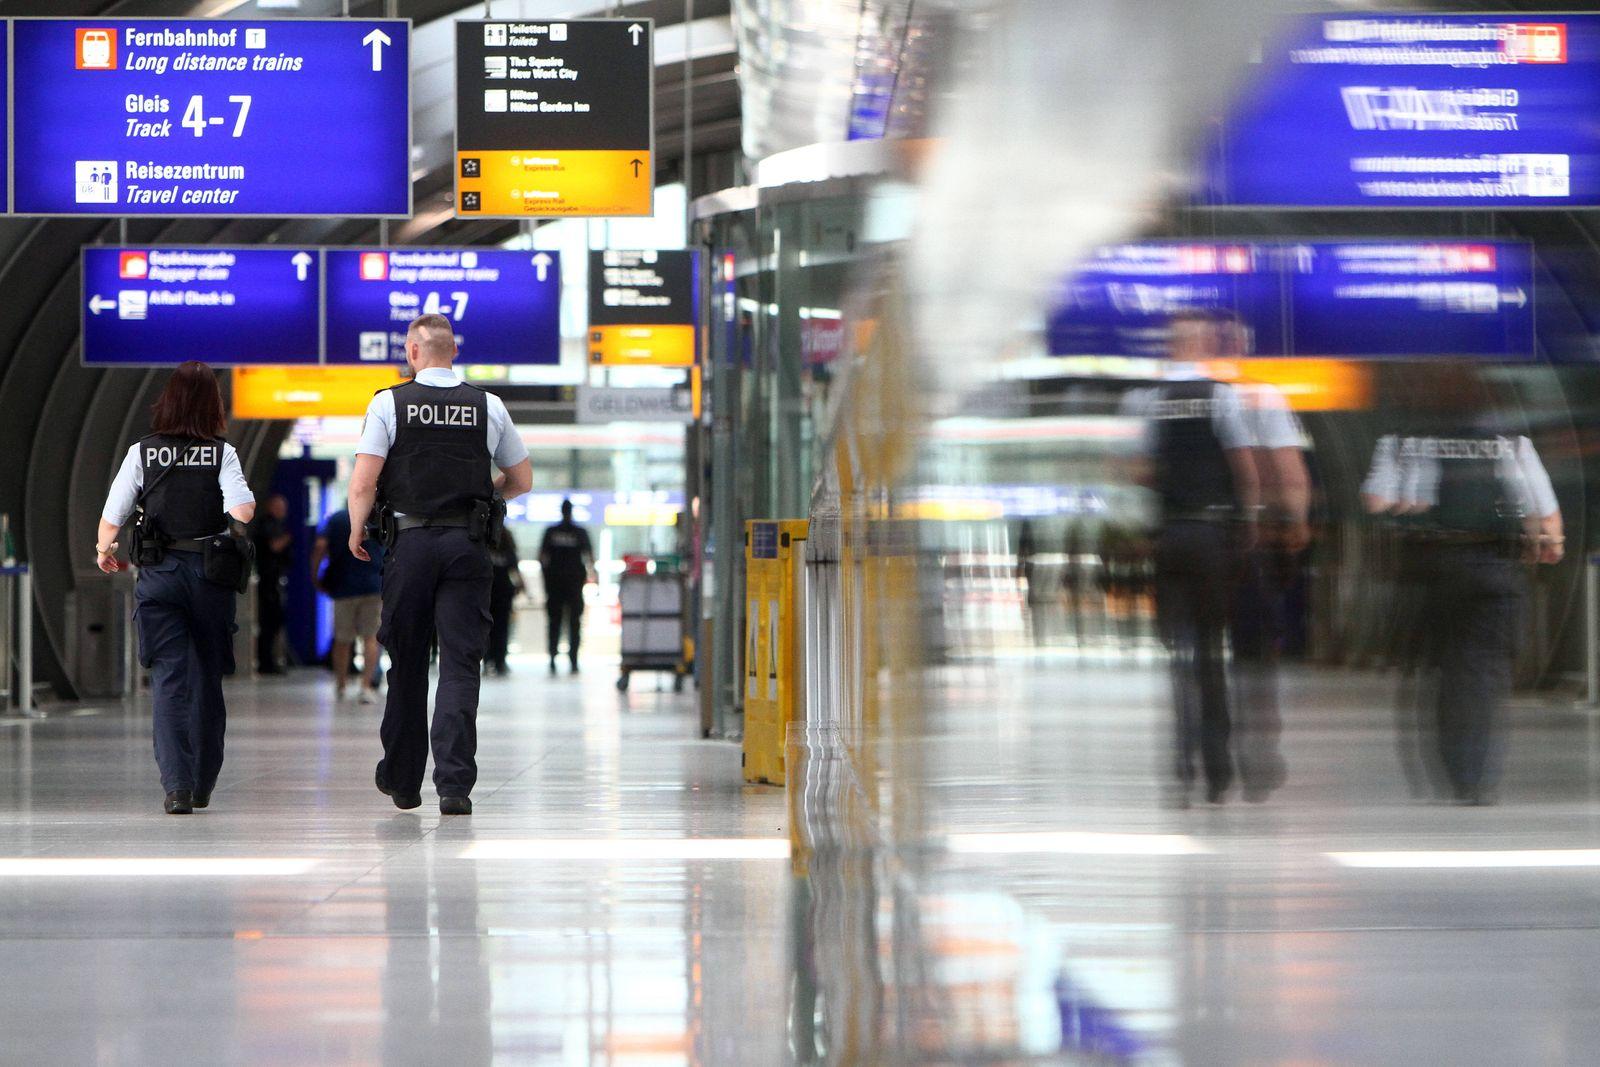 Streife mit Bundespolizisten gehen vom Terminal 1 zum Fernbahnhof der DB Deutsche n Bahn im Flughafen Frankfurt, Hessen,